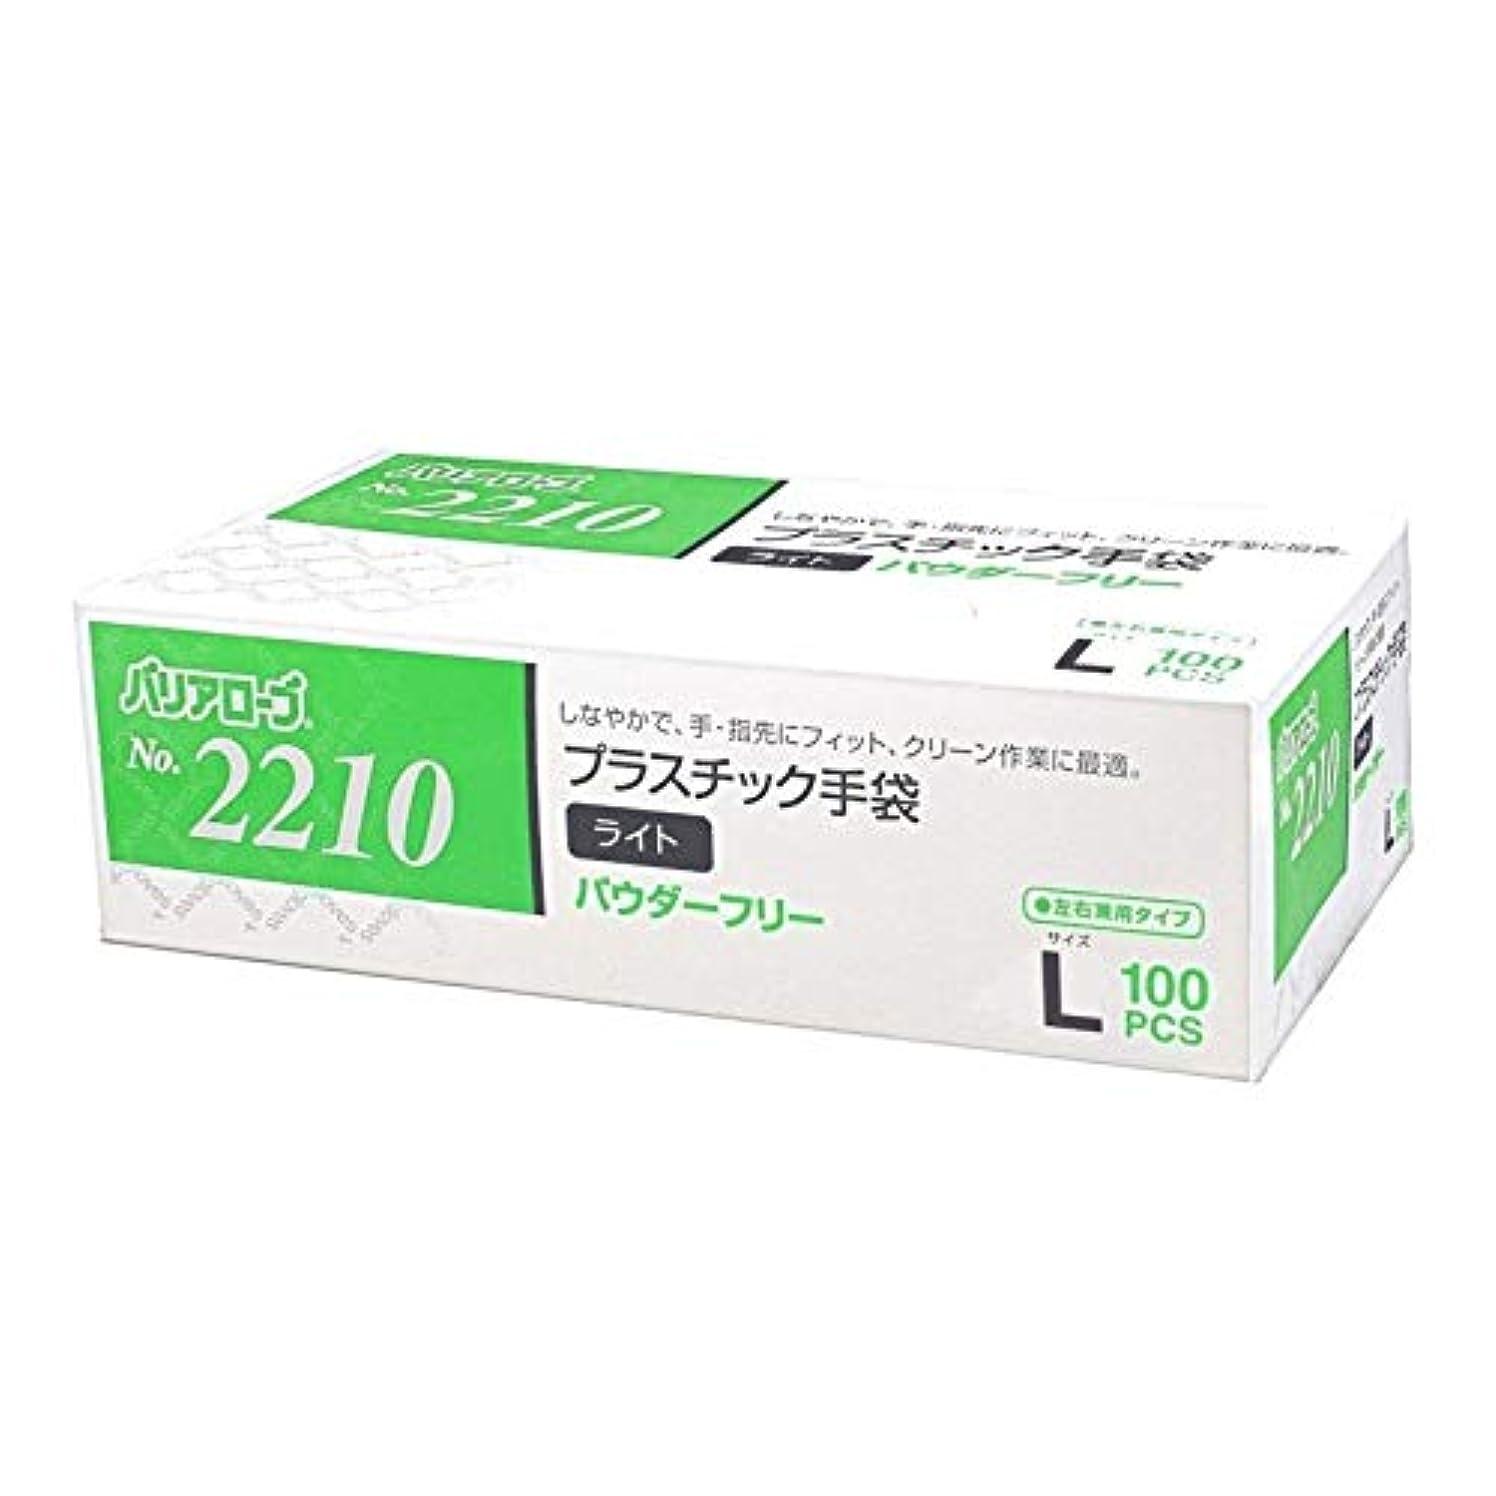 対角線スクリーチ過半数【ケース販売】 バリアローブ №2210 プラスチック手袋 ライト (パウダーフリー) L 2000枚(100枚×20箱)